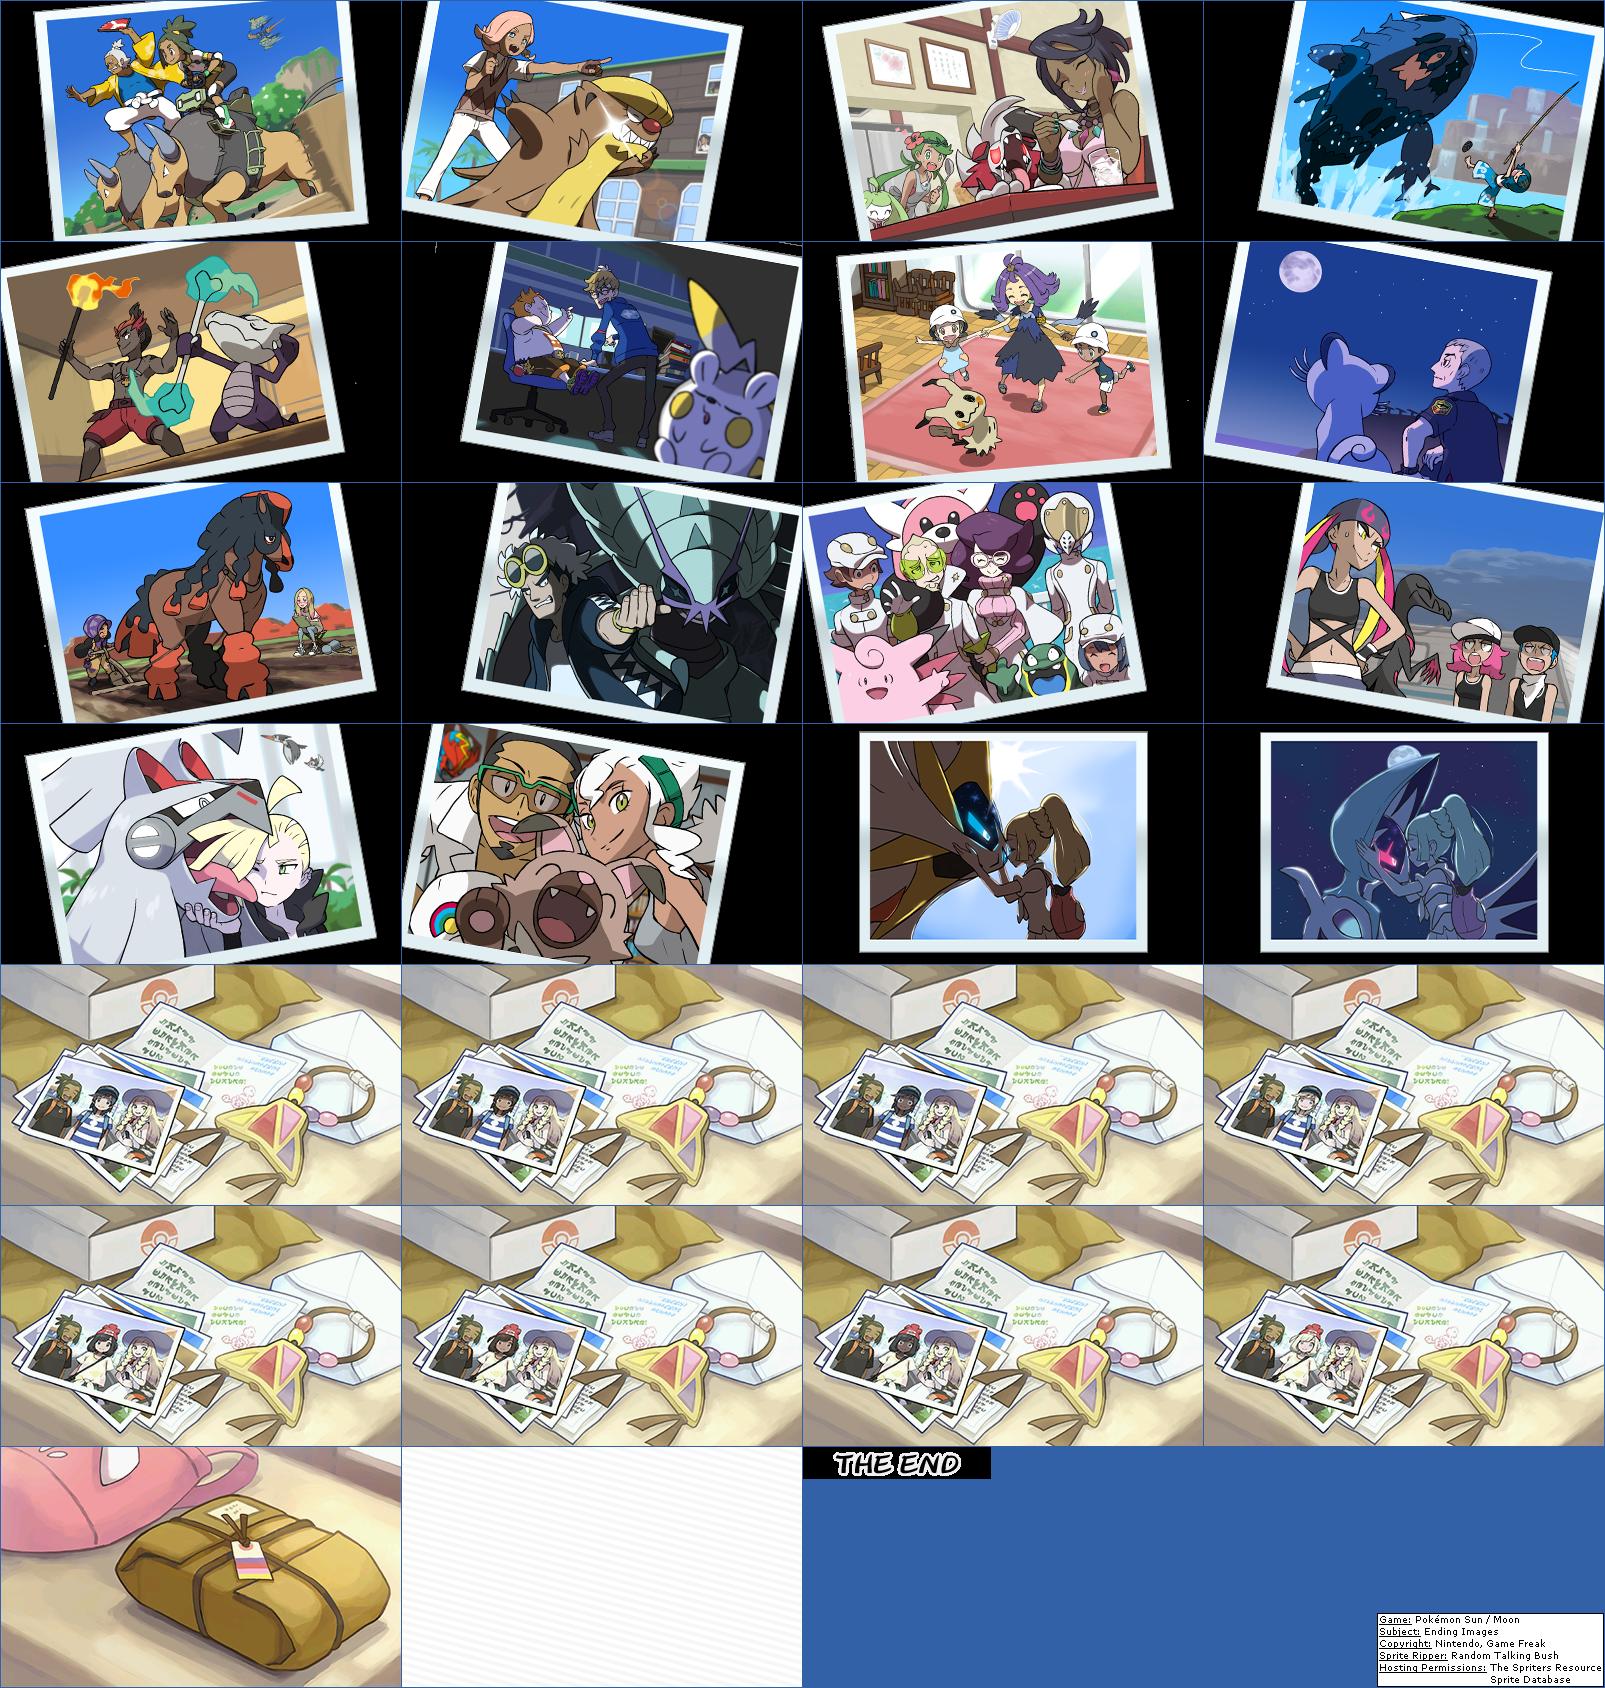 pokémon sun / moon ending images | pokémon sun and moon | know